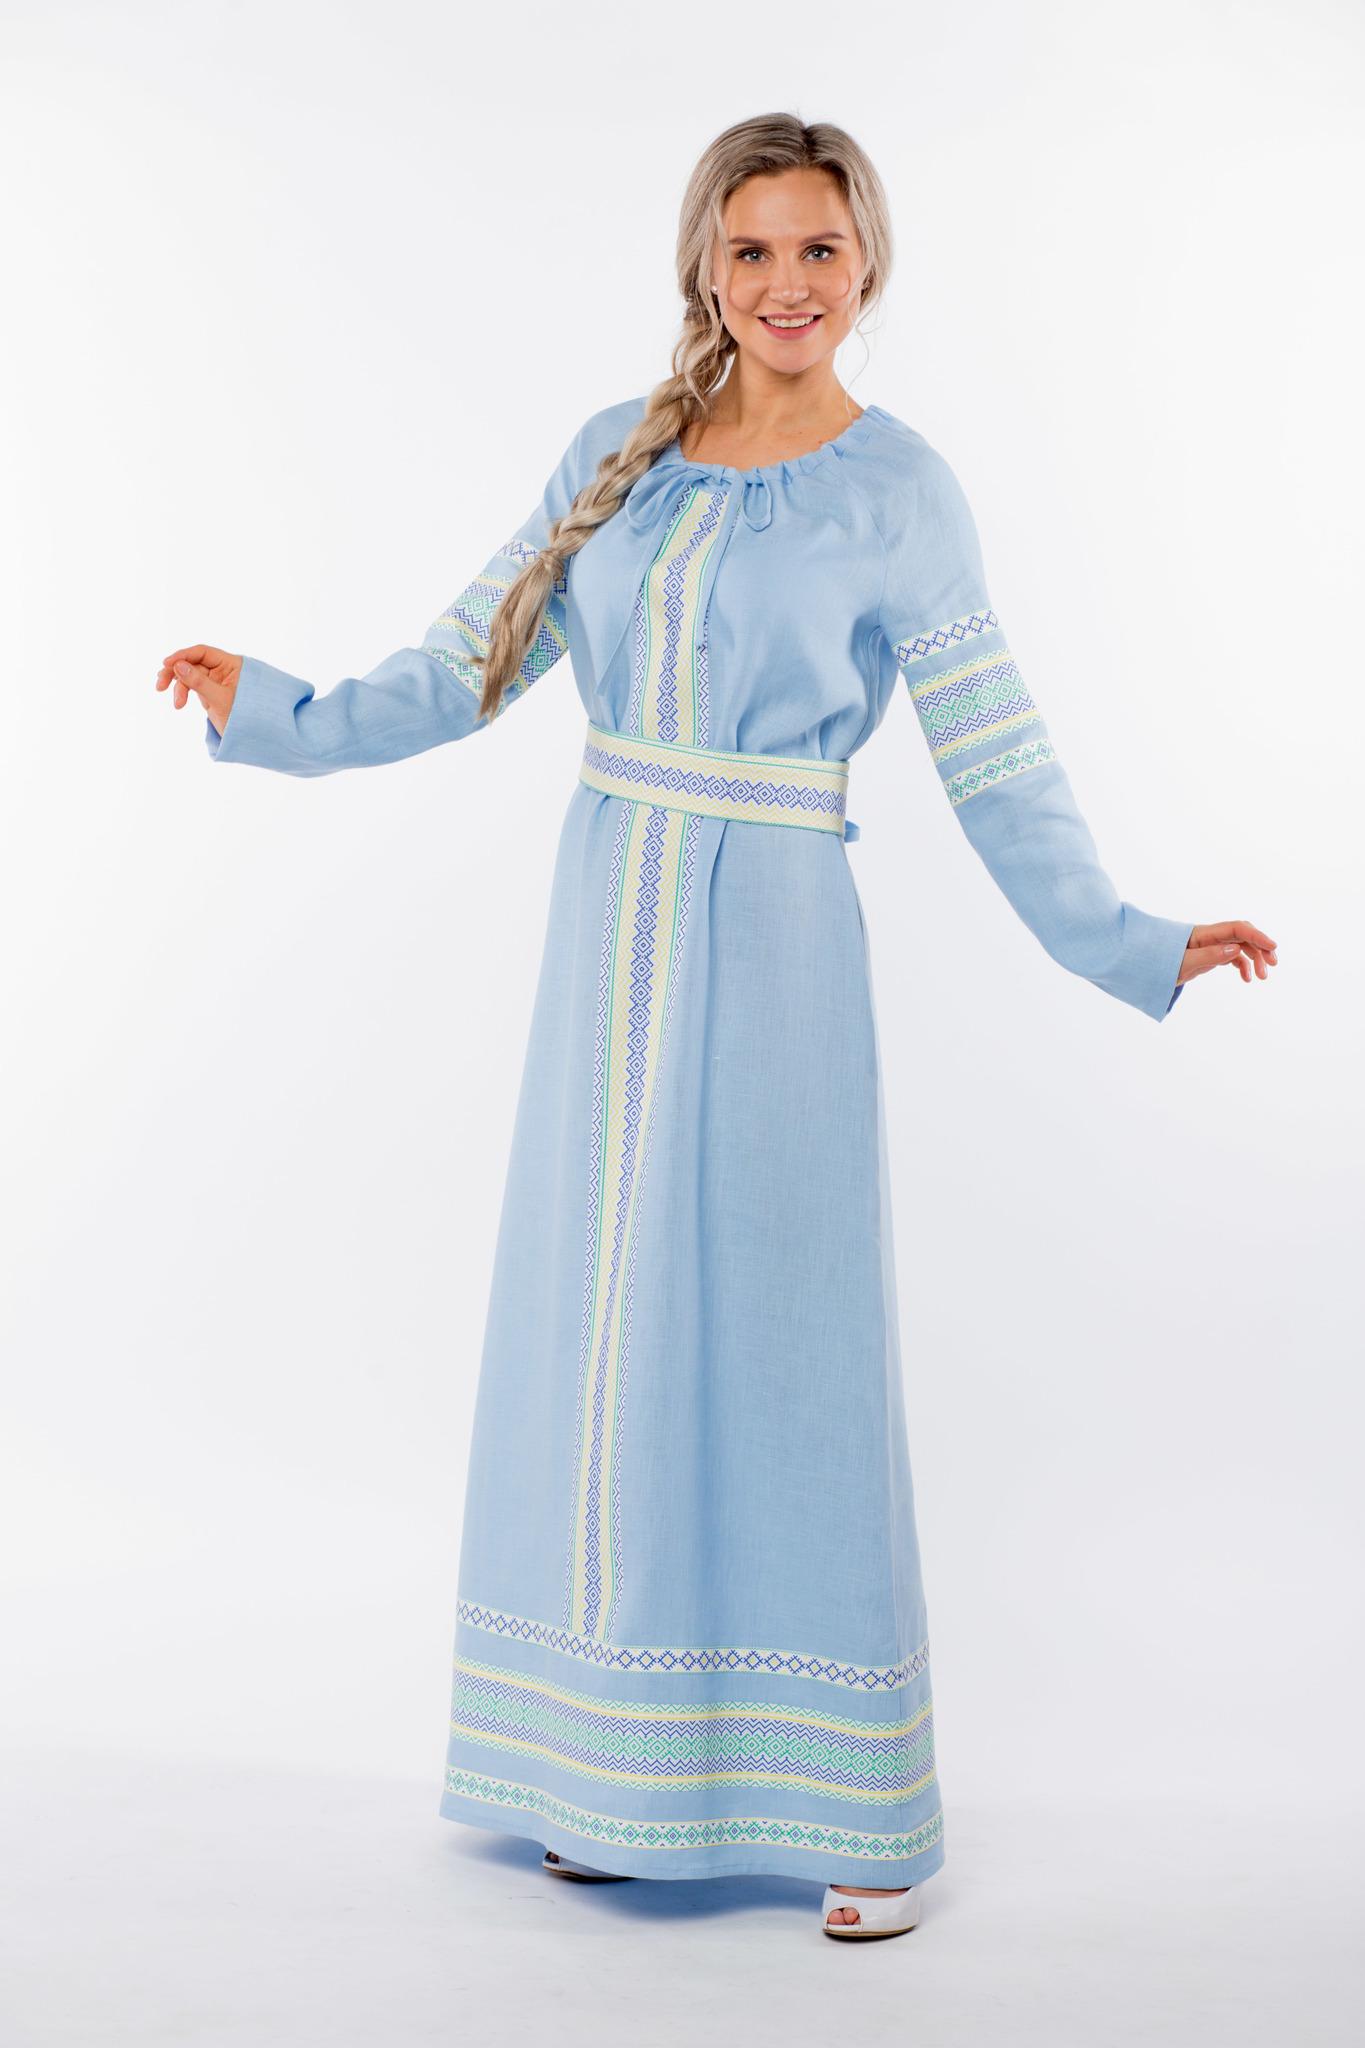 Платье льняное Чистый родник интернет-магазин Иванка